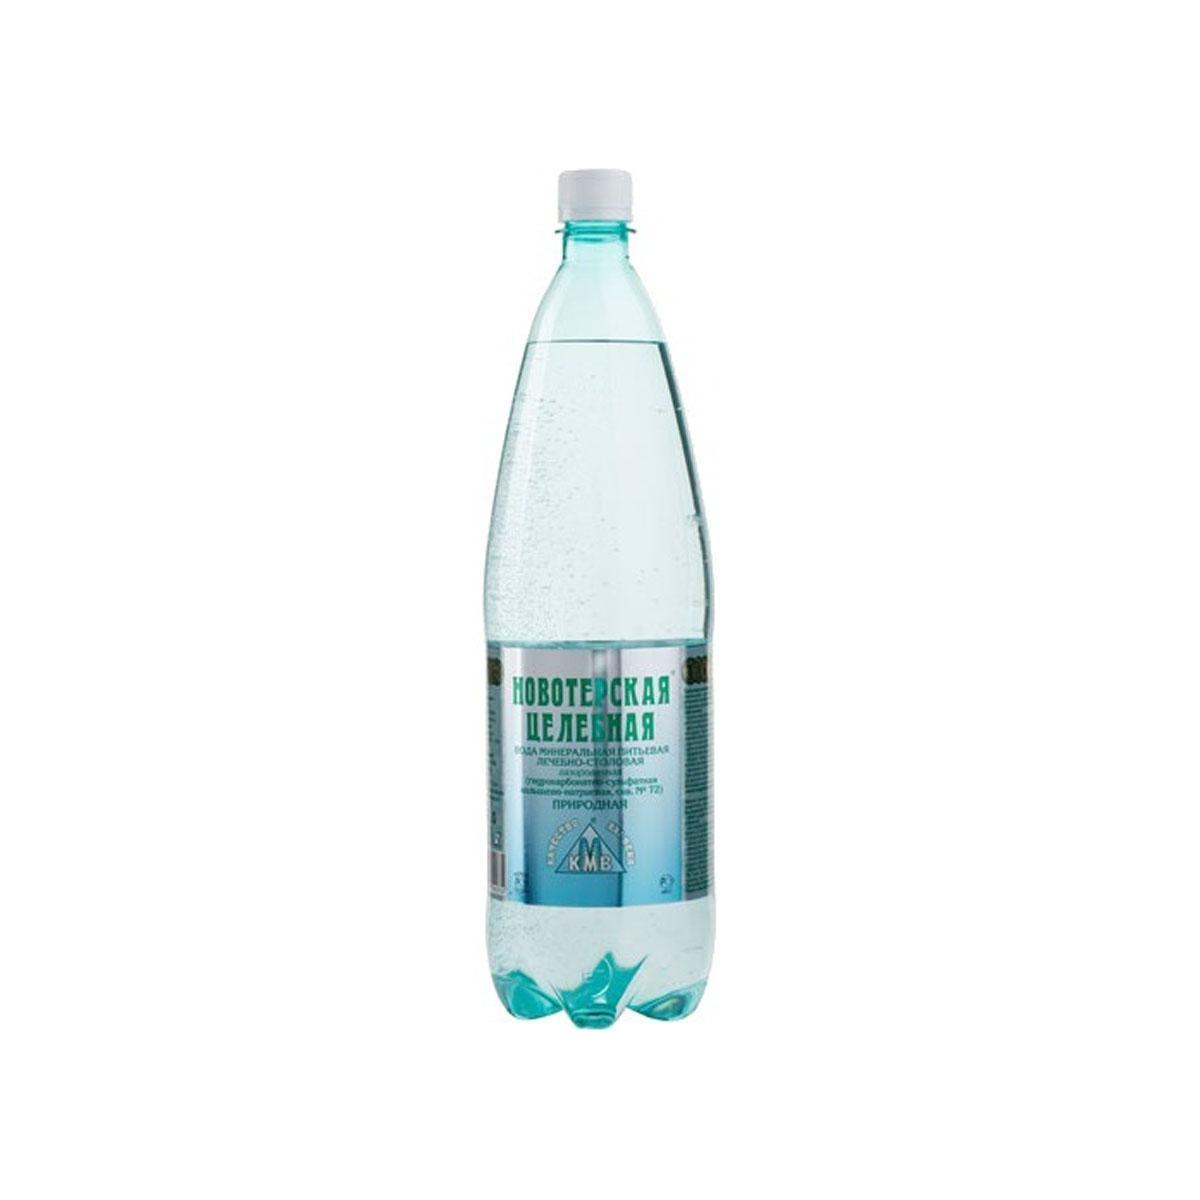 Вода питьевая минеральная Новотерская Целебная лечебно-столовая